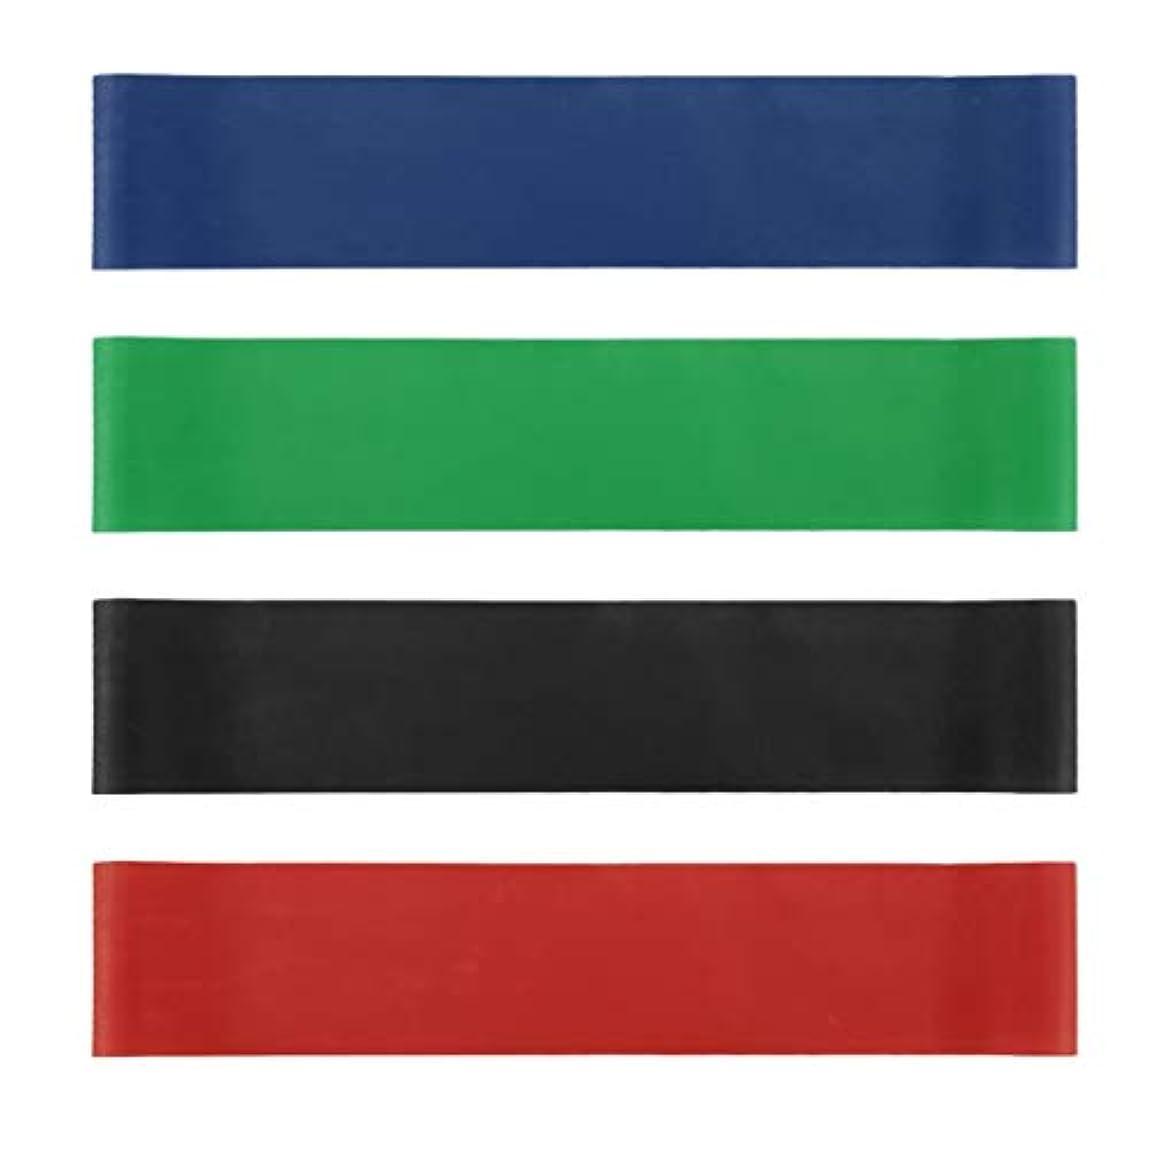 引き渡す促すリテラシー4本の伸縮性ゴム弾性ヨガベルトバンドプルロープ張力抵抗バンドループ強度のフィットネスヨガツール - レッド&ブルー&グリーン&ブラック